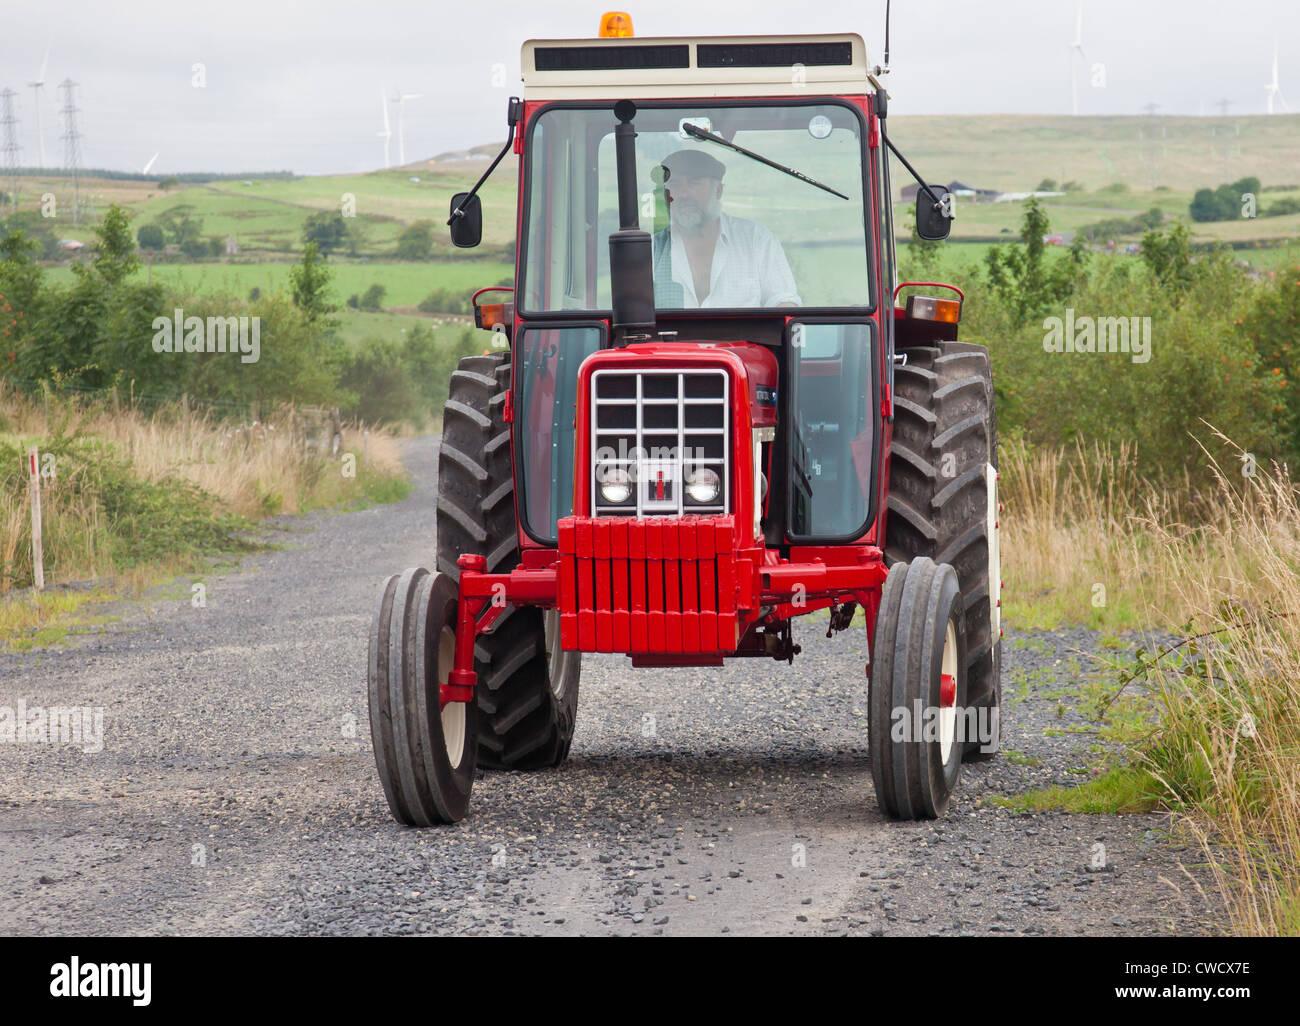 Vintage International Harvester 95